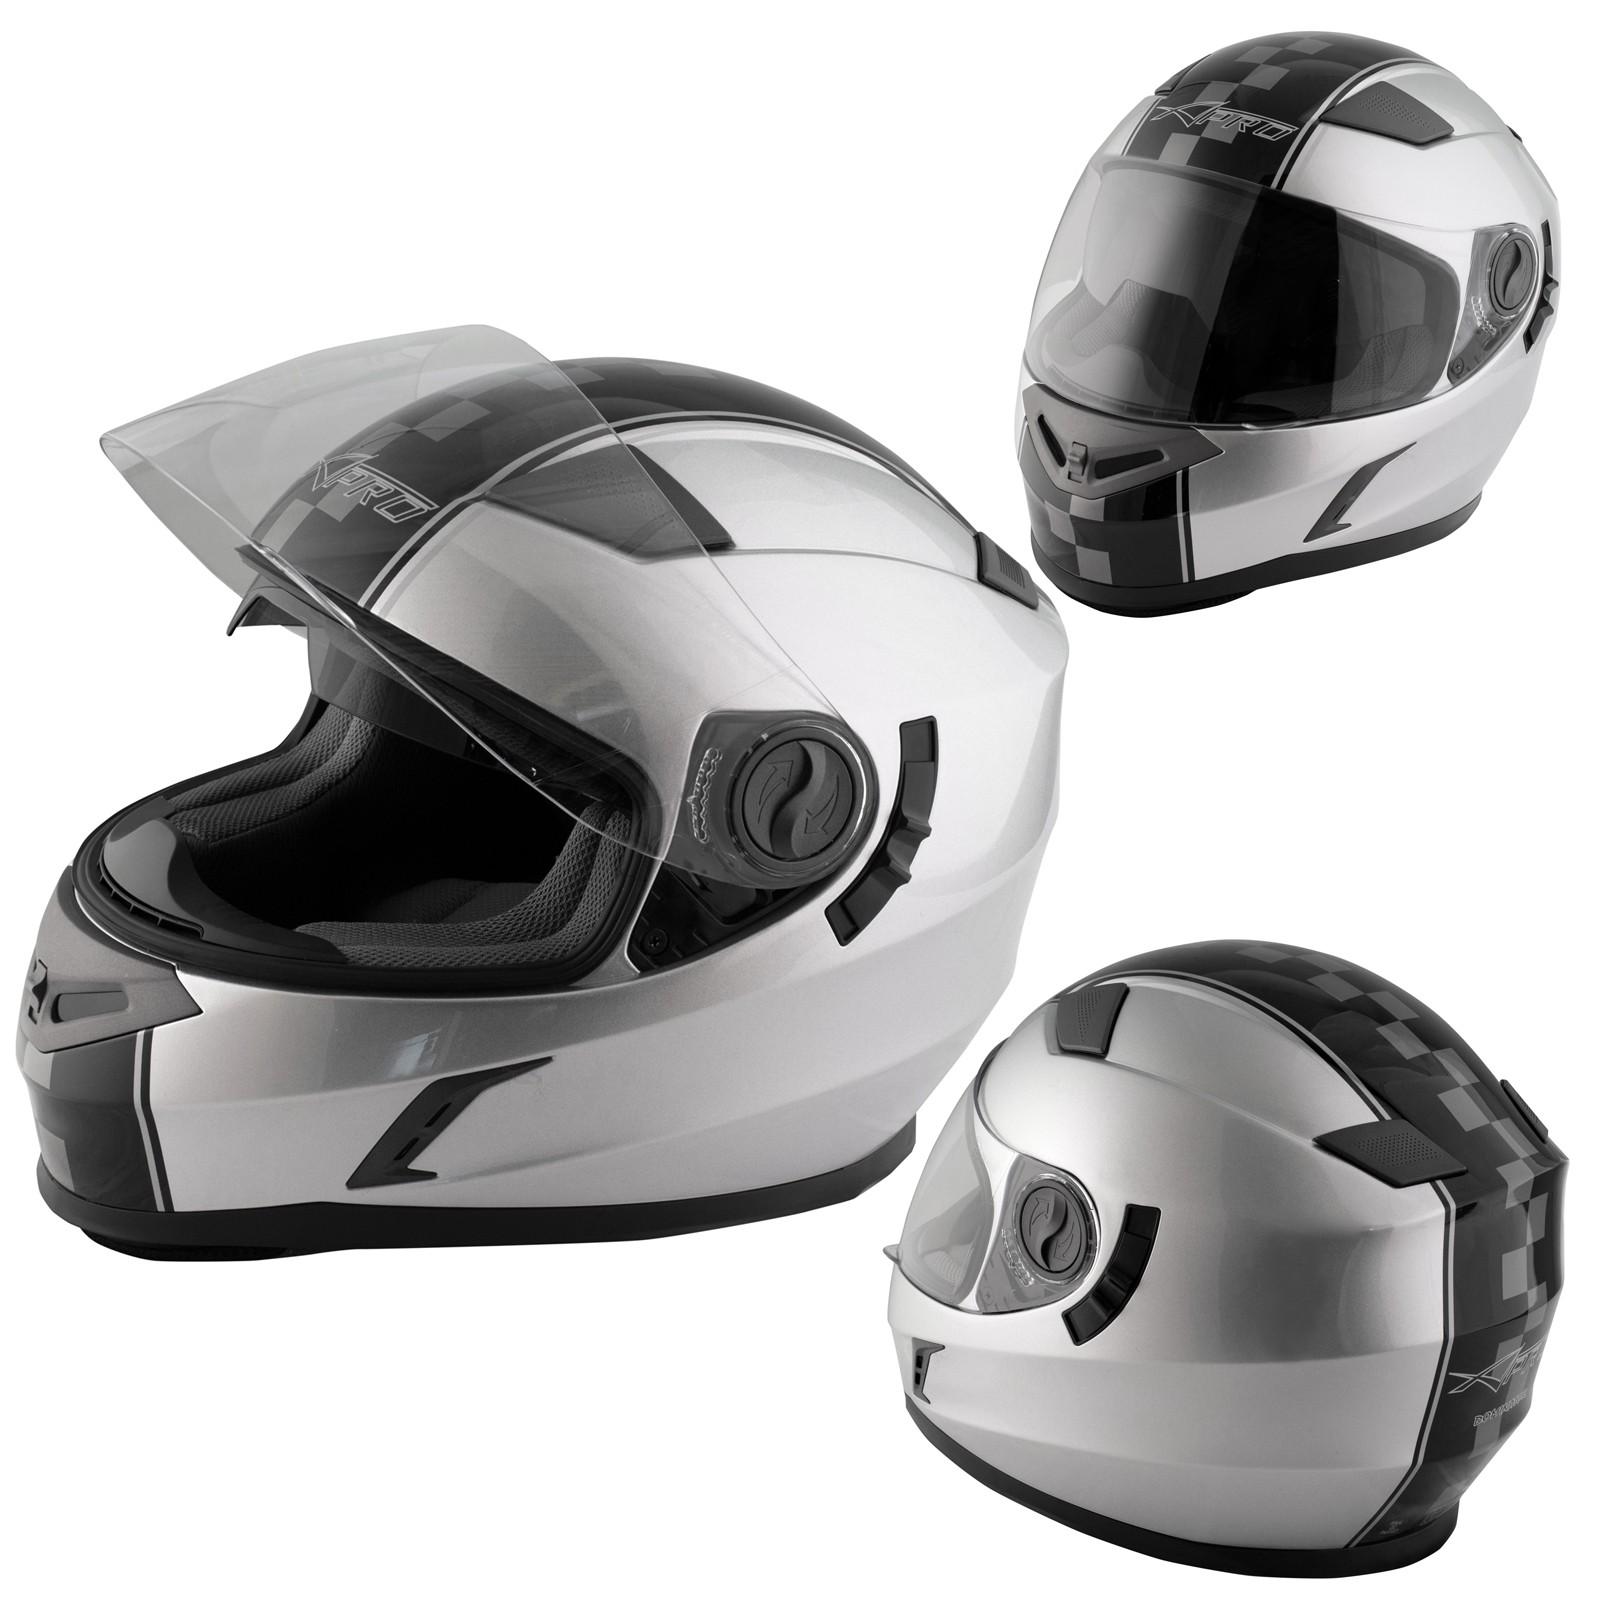 Casco Integrale Moto Scooter Touring Visiera Interna Parasole Viaggio Argento